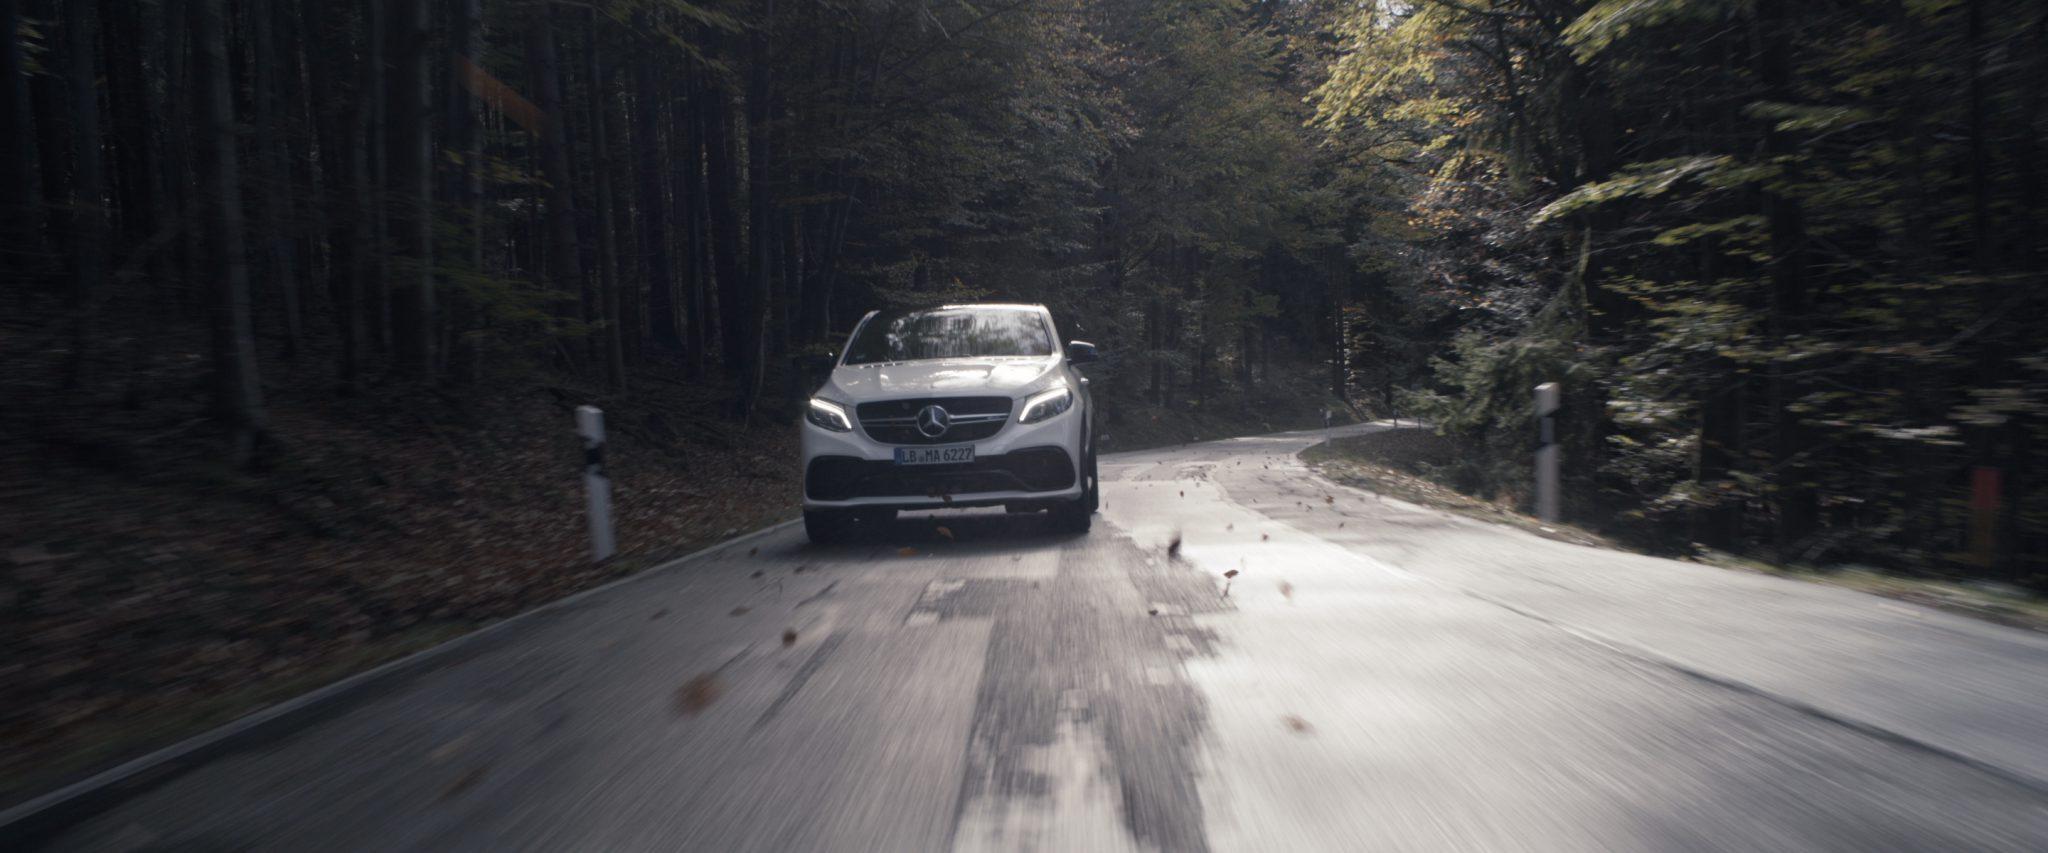 Mercedes-Benz car driving through deep forest